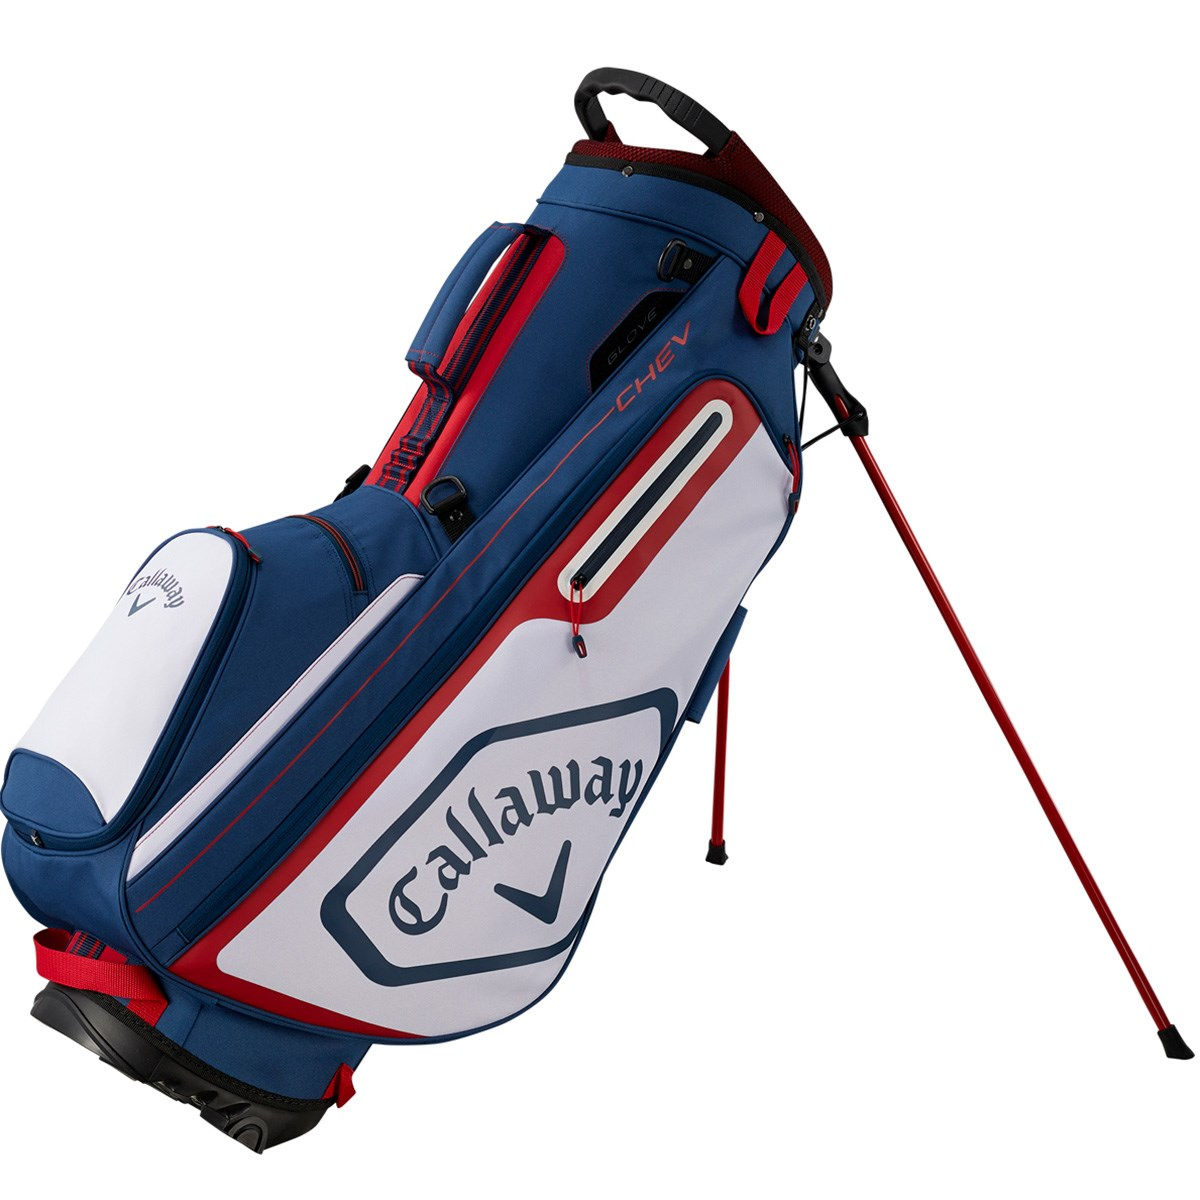 キャロウェイゴルフ(Callaway Golf) BG ST CHEV JV スタンドキャディバッグ